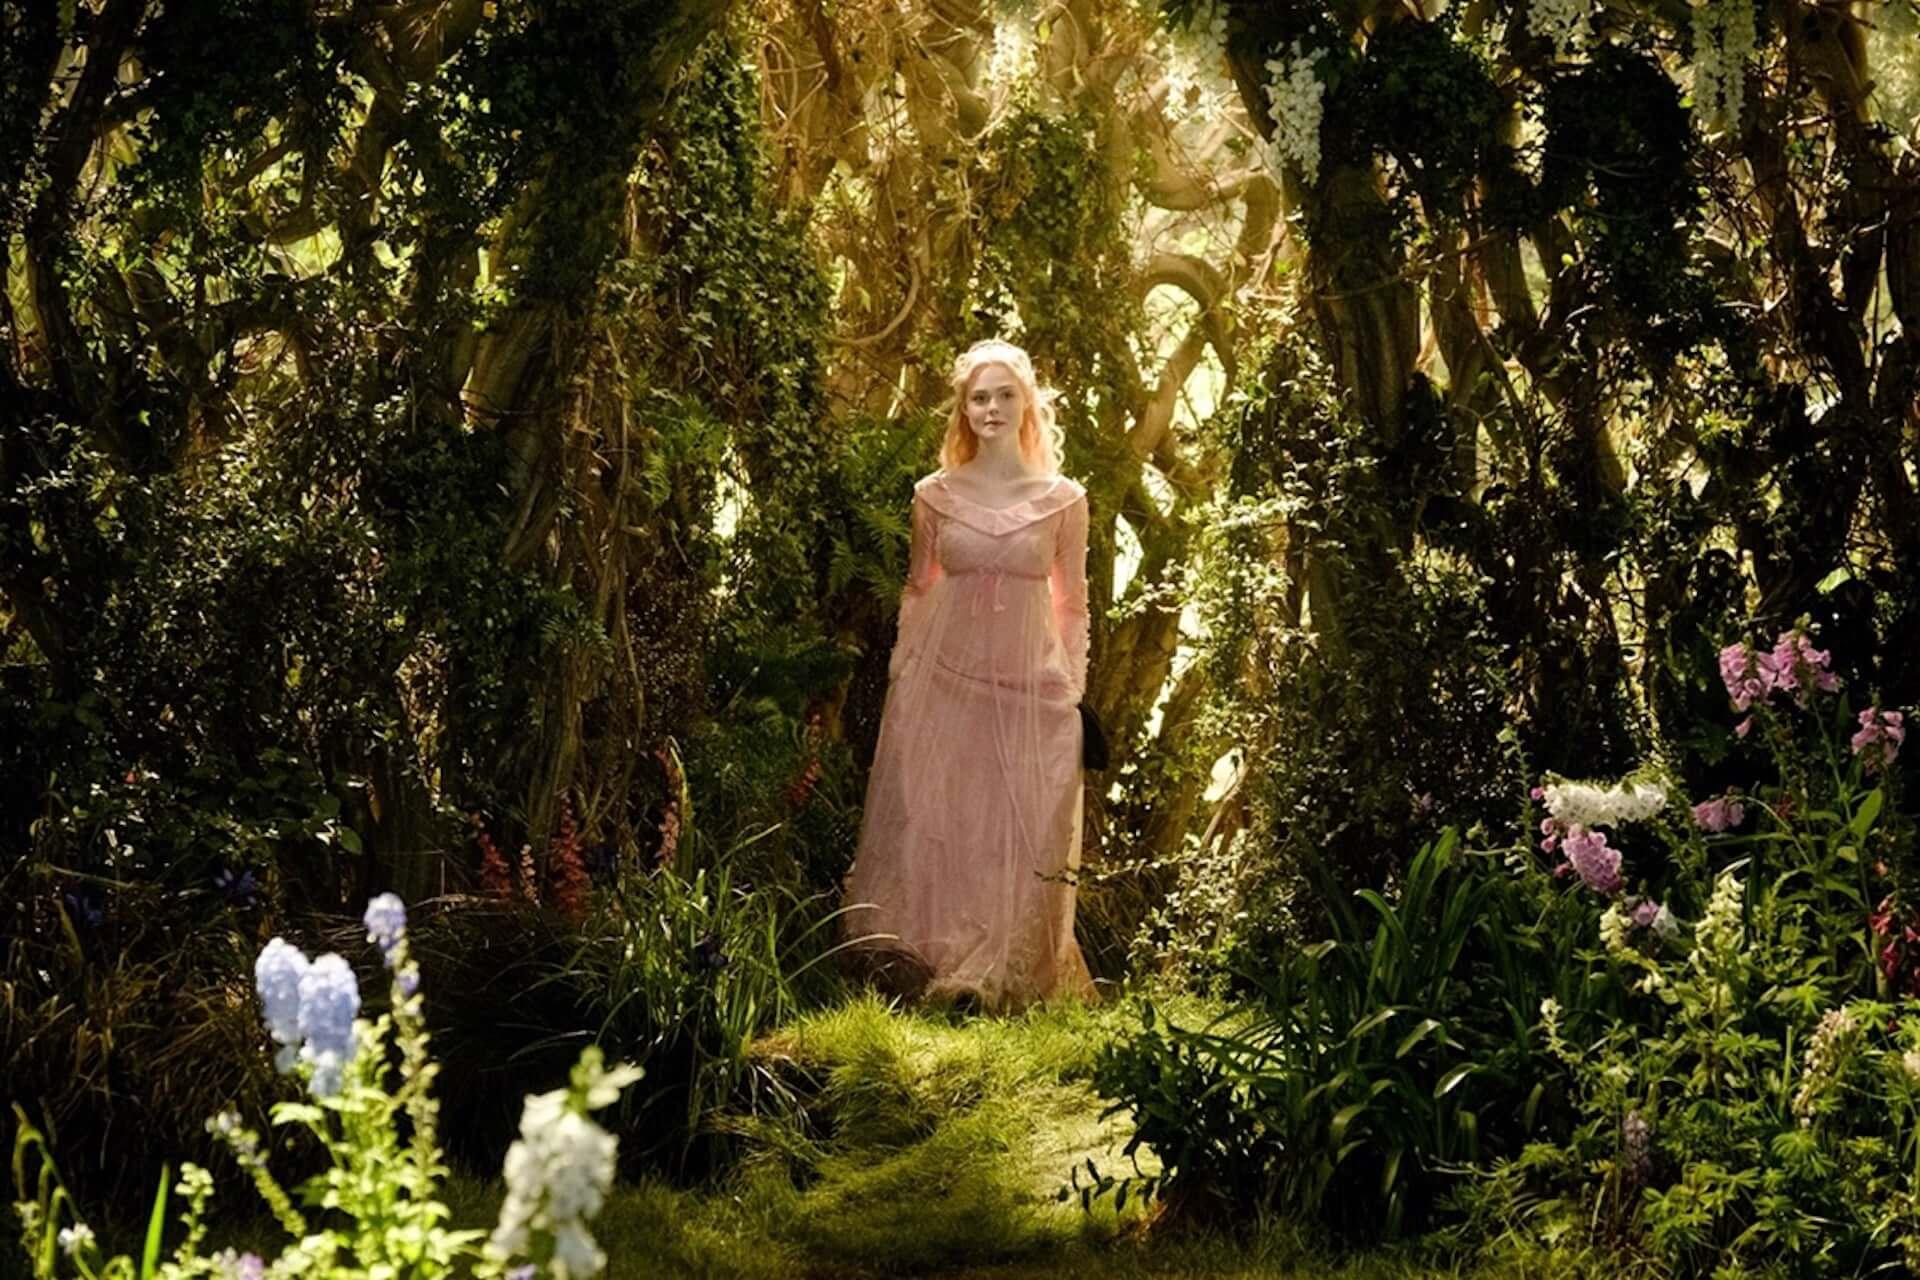 『マレフィセント』オーロラ姫のピンクドレスが実写に!エル・ファニングのドレス姿が解禁! film190821_maleficent_main-1920x1280